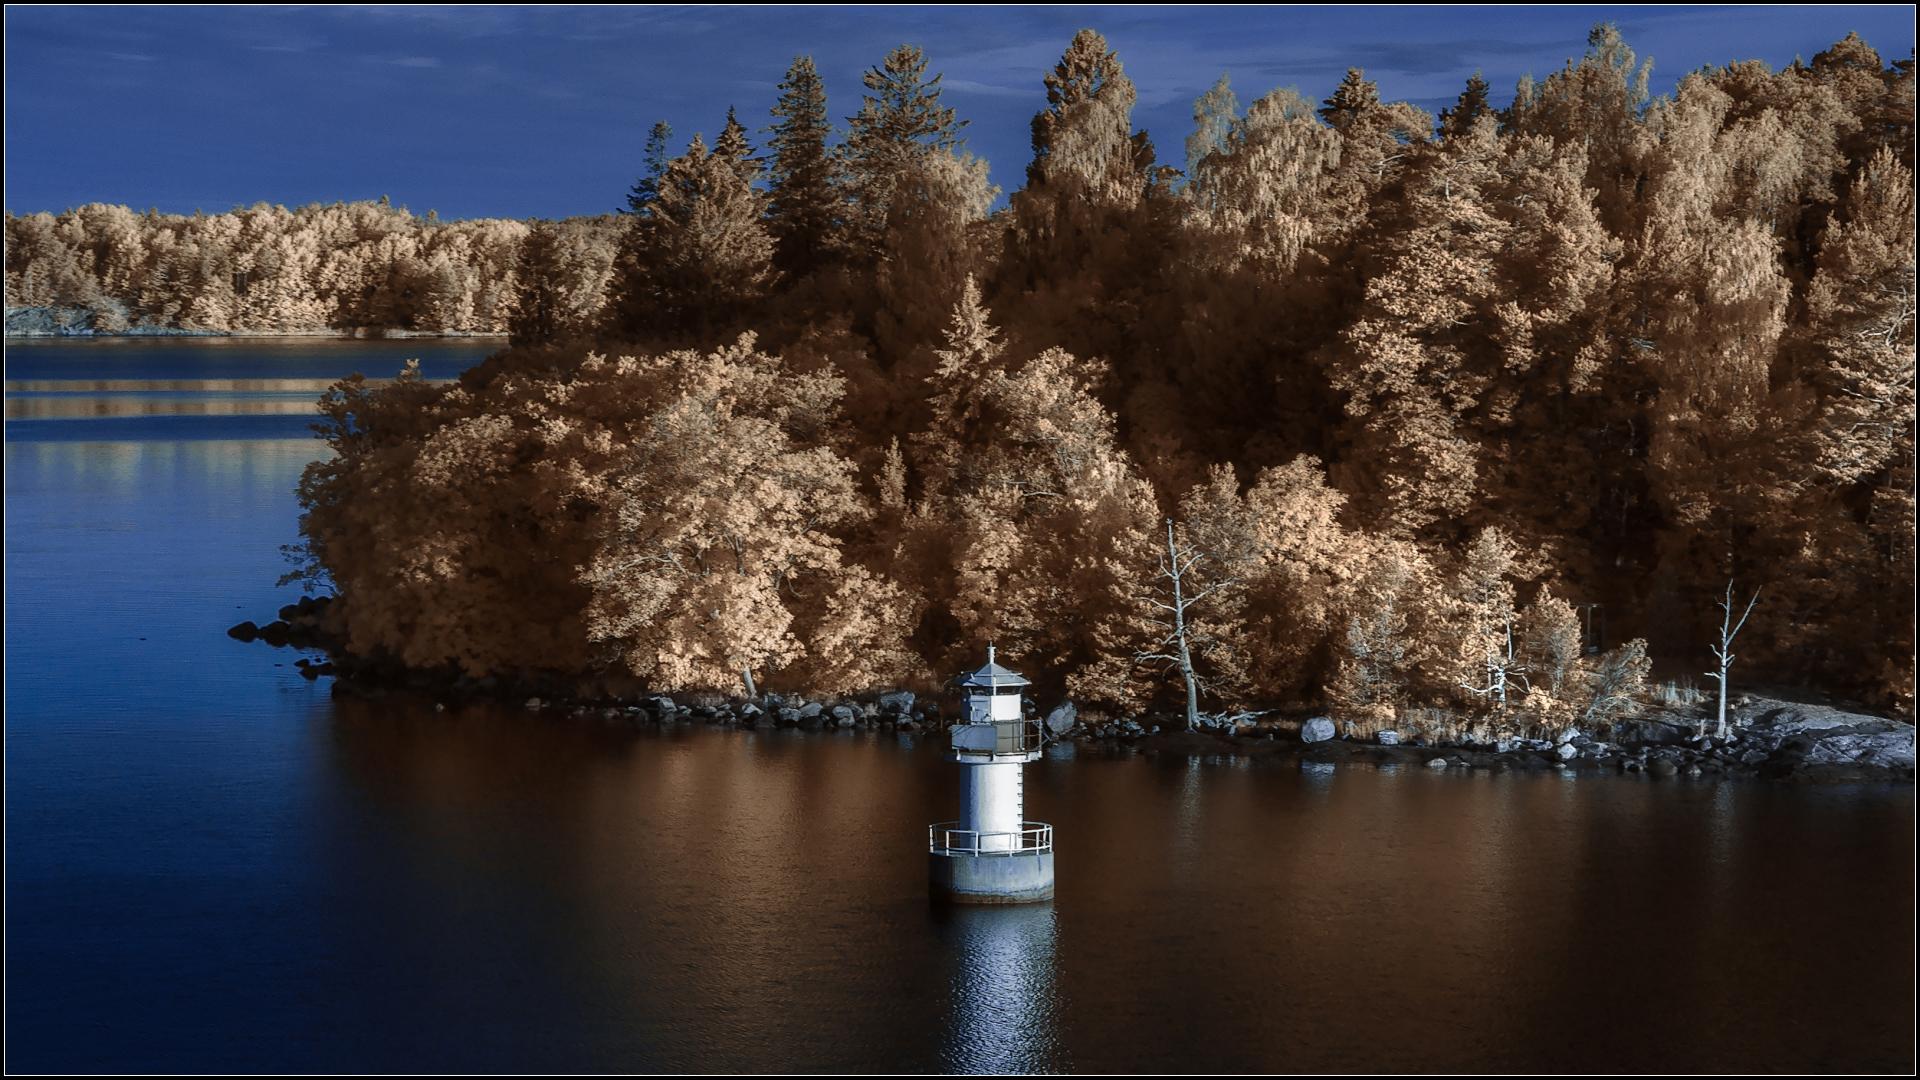 Инфракрасная фотография как сделать фильтр